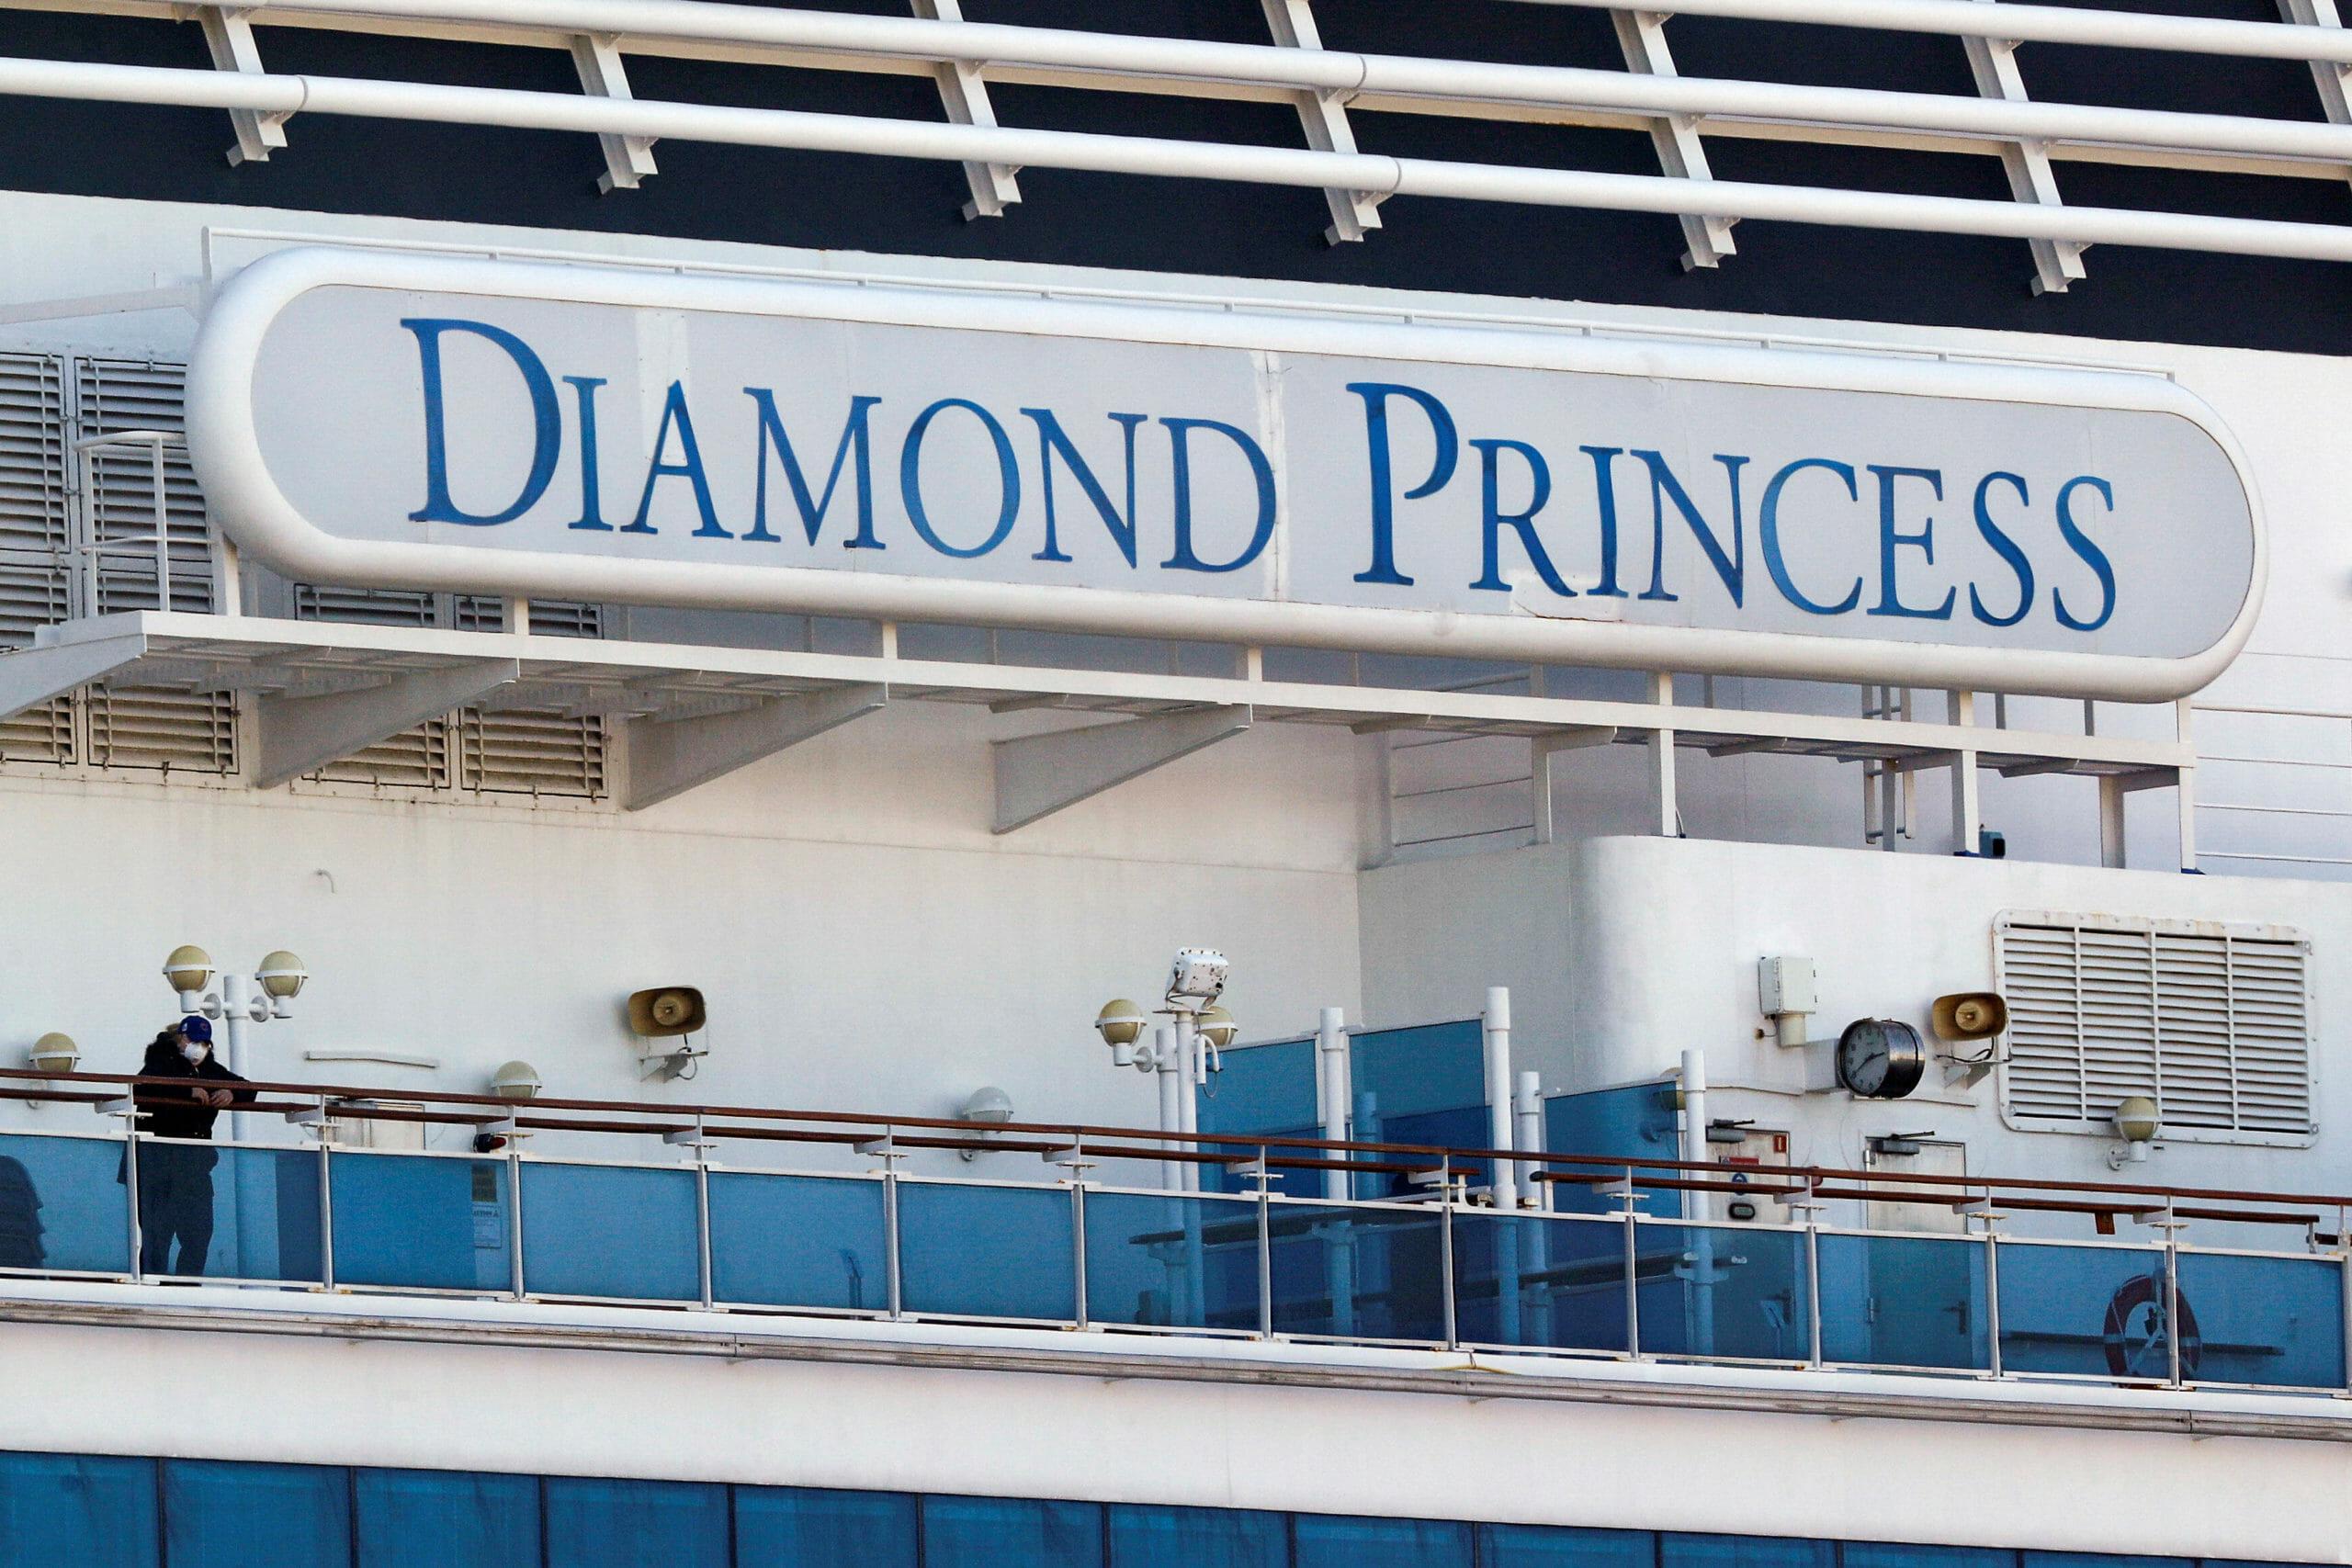 67 νέα κρούσματα κοροναϊού στο κρουαζιερόπλοιο Diamond Princess! Επιχείρηση επαναπατρισμού από τις ΗΠΑ